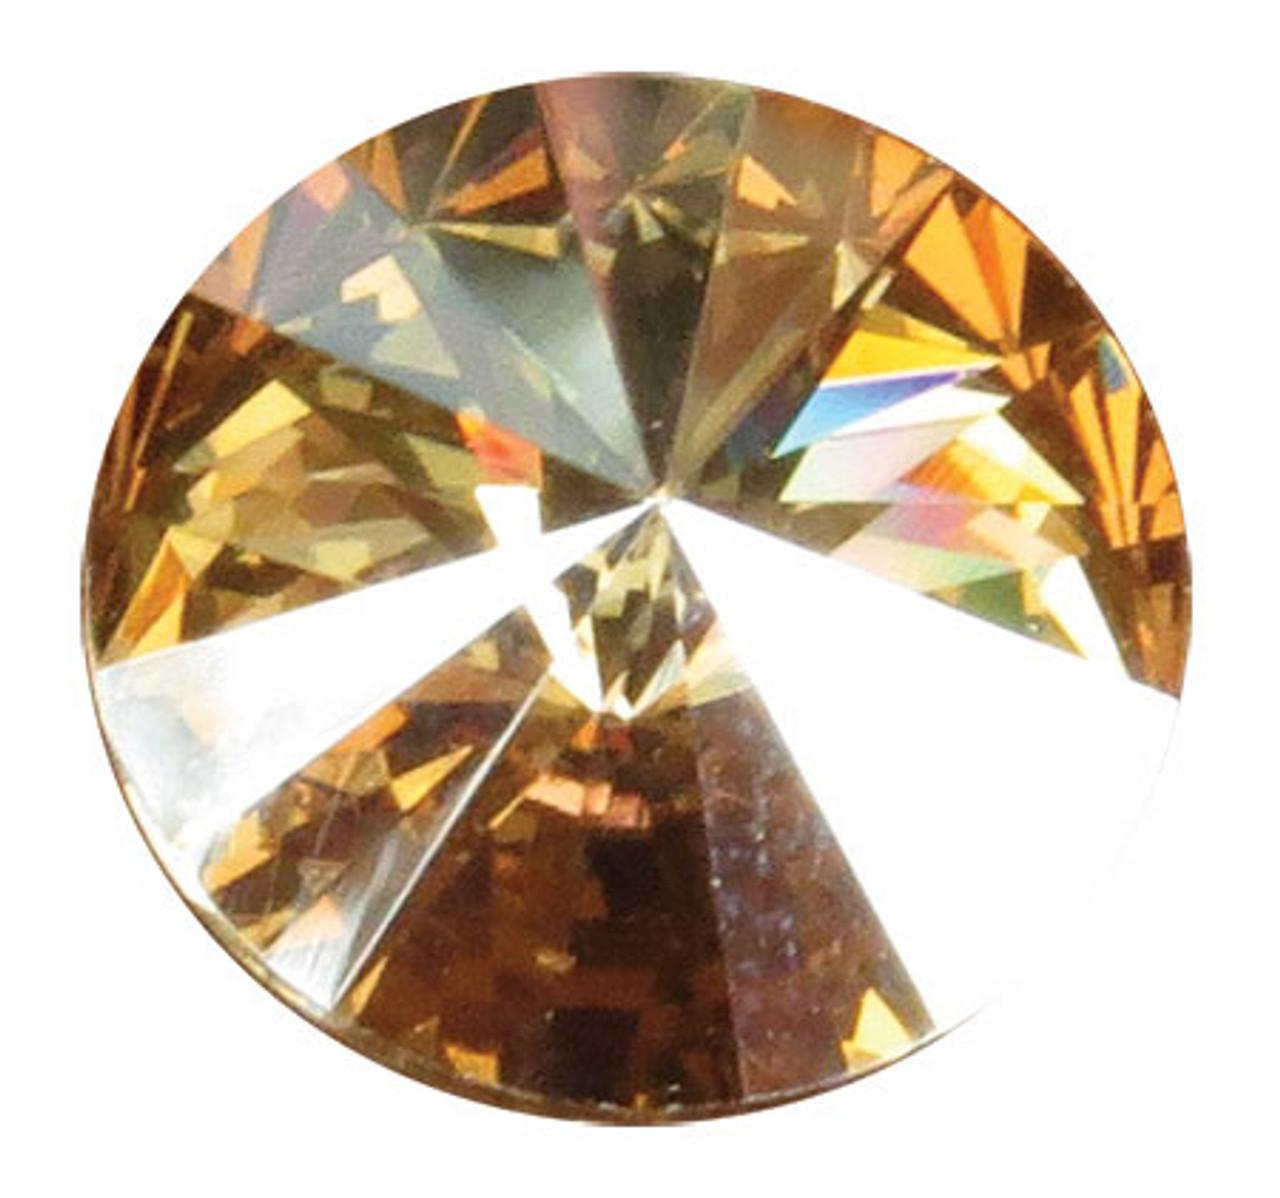 SCNOV - Swarovski Crystal Gemstones Citrine (November) 6 stones/pack. For ClayPaws® Prints